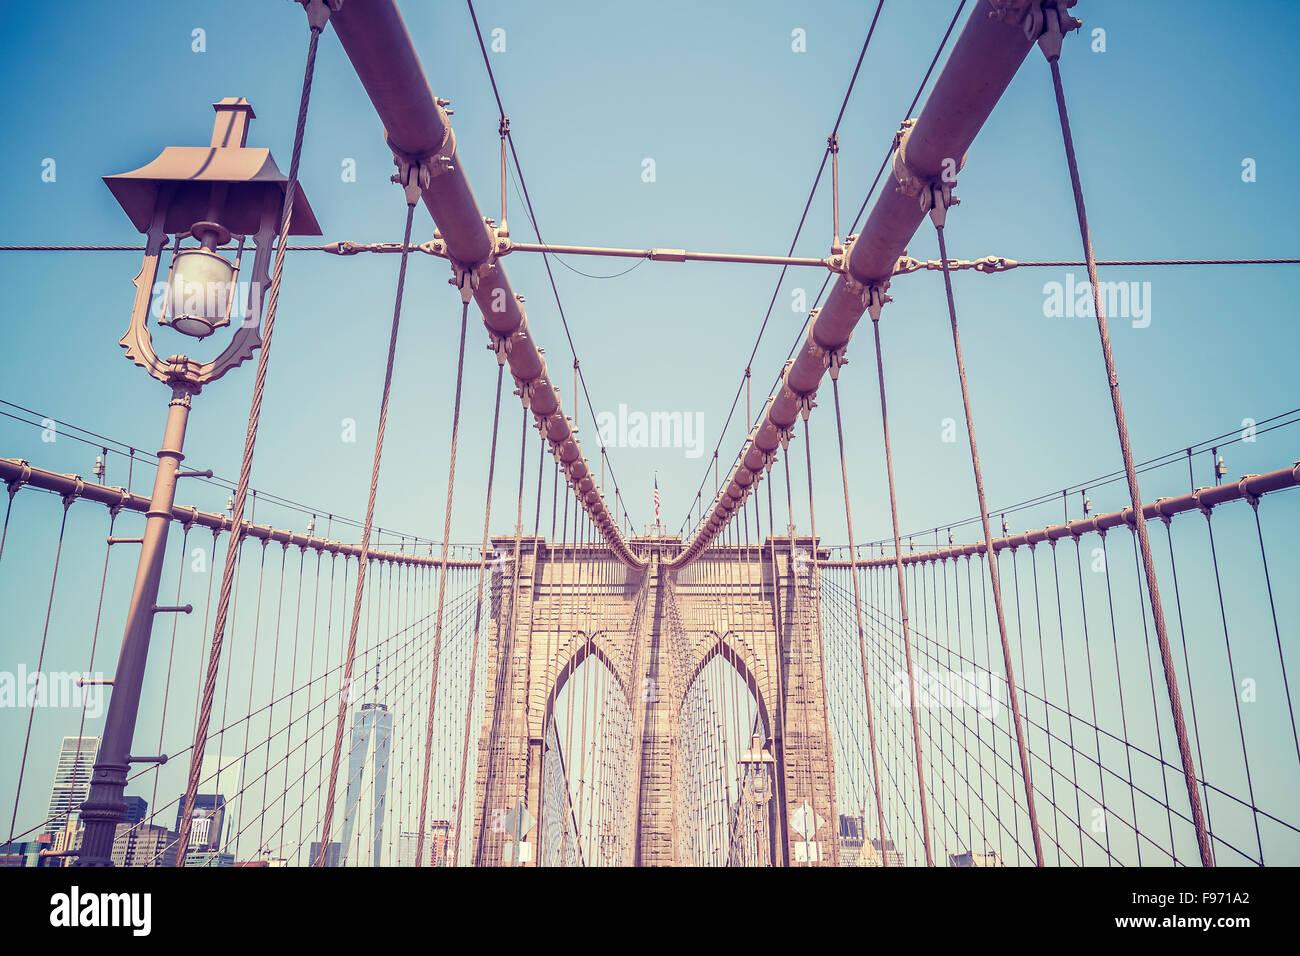 Vintage getönten Bild von der Brooklyn Bridge in New York City, USA. Stockbild